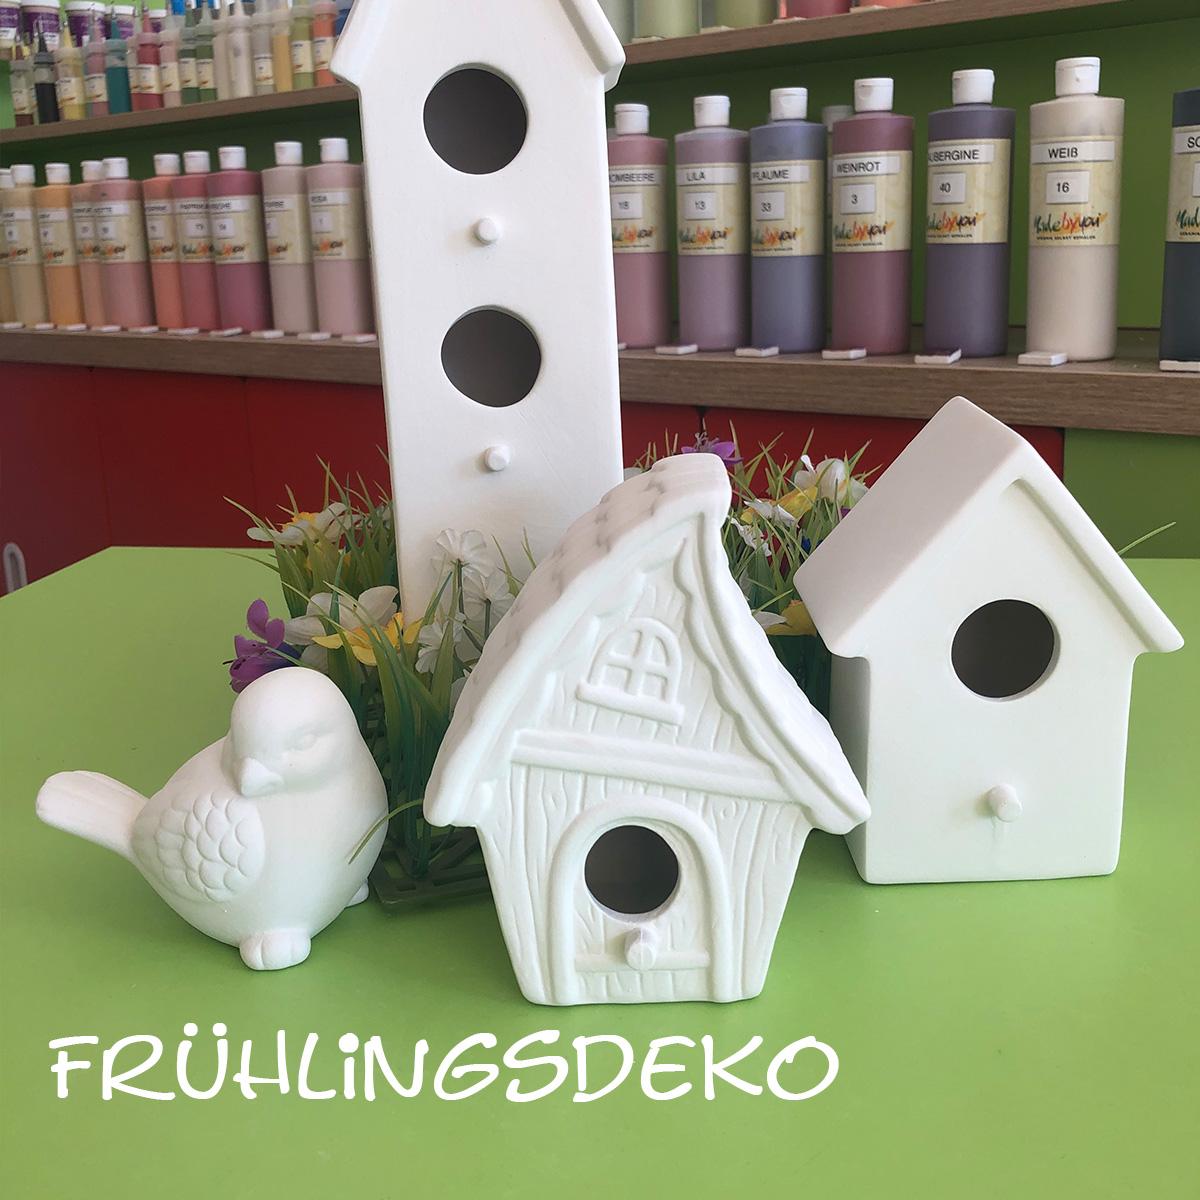 Keramik zum bemalen für die Frühlingsdeko